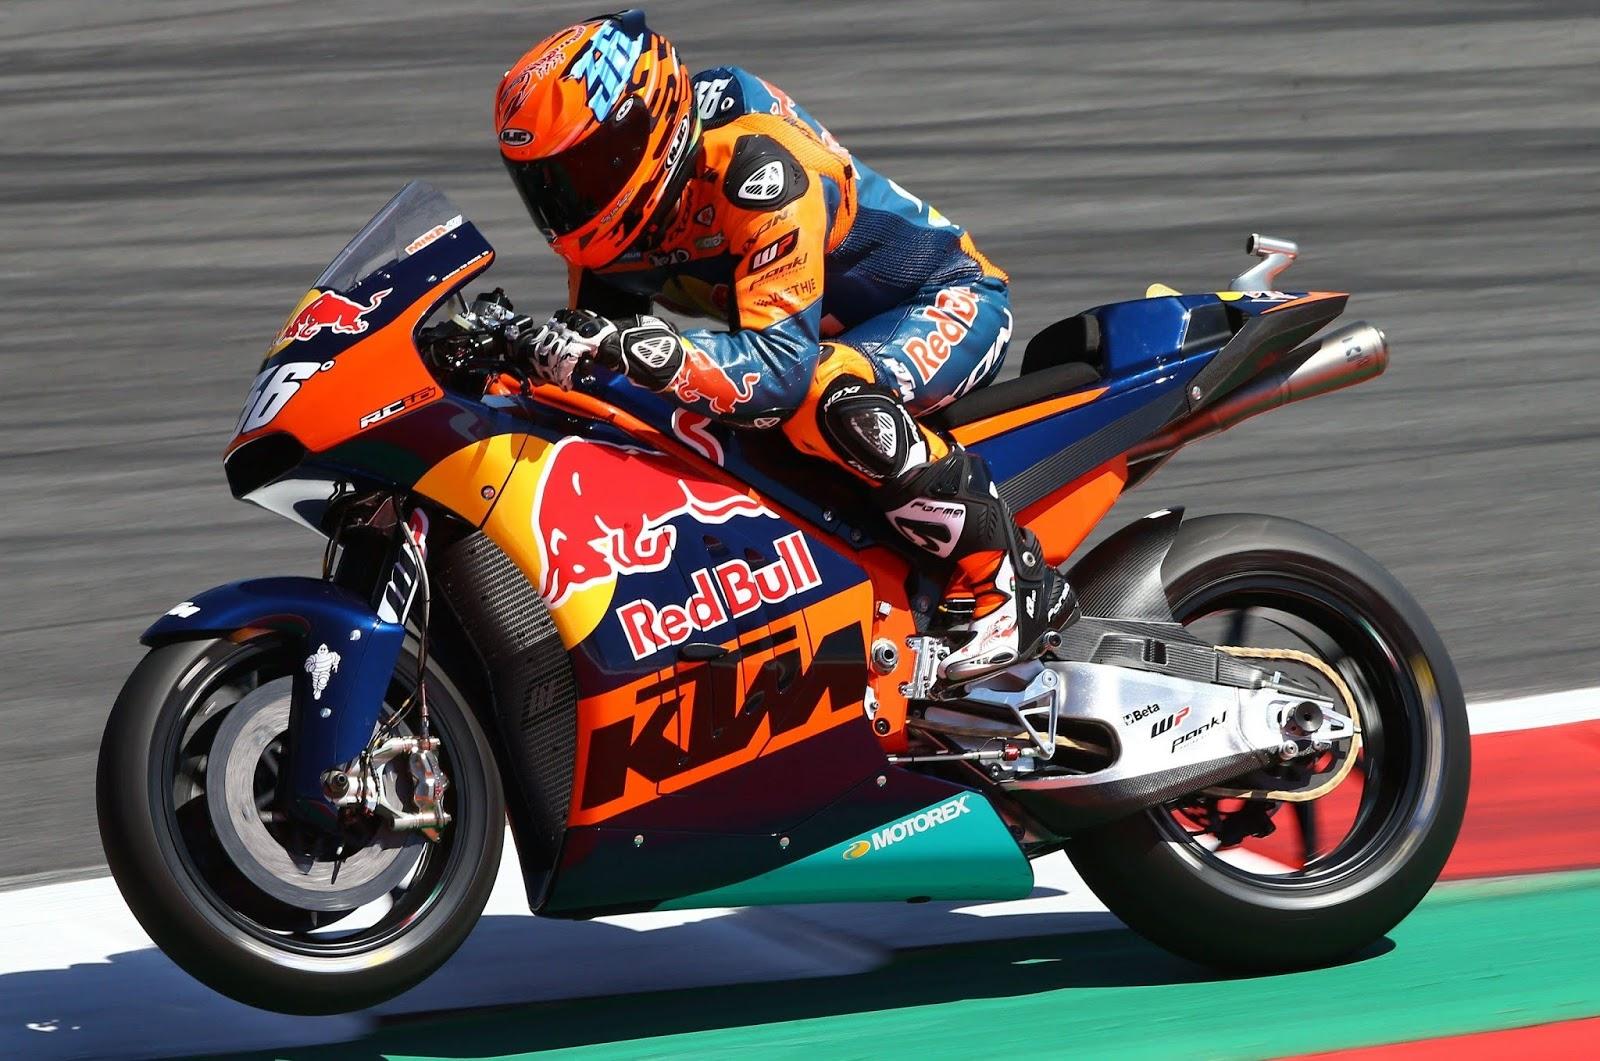 Galeri: KTM Turunkan Lima Tim Sekaligus di MotoGP 2019